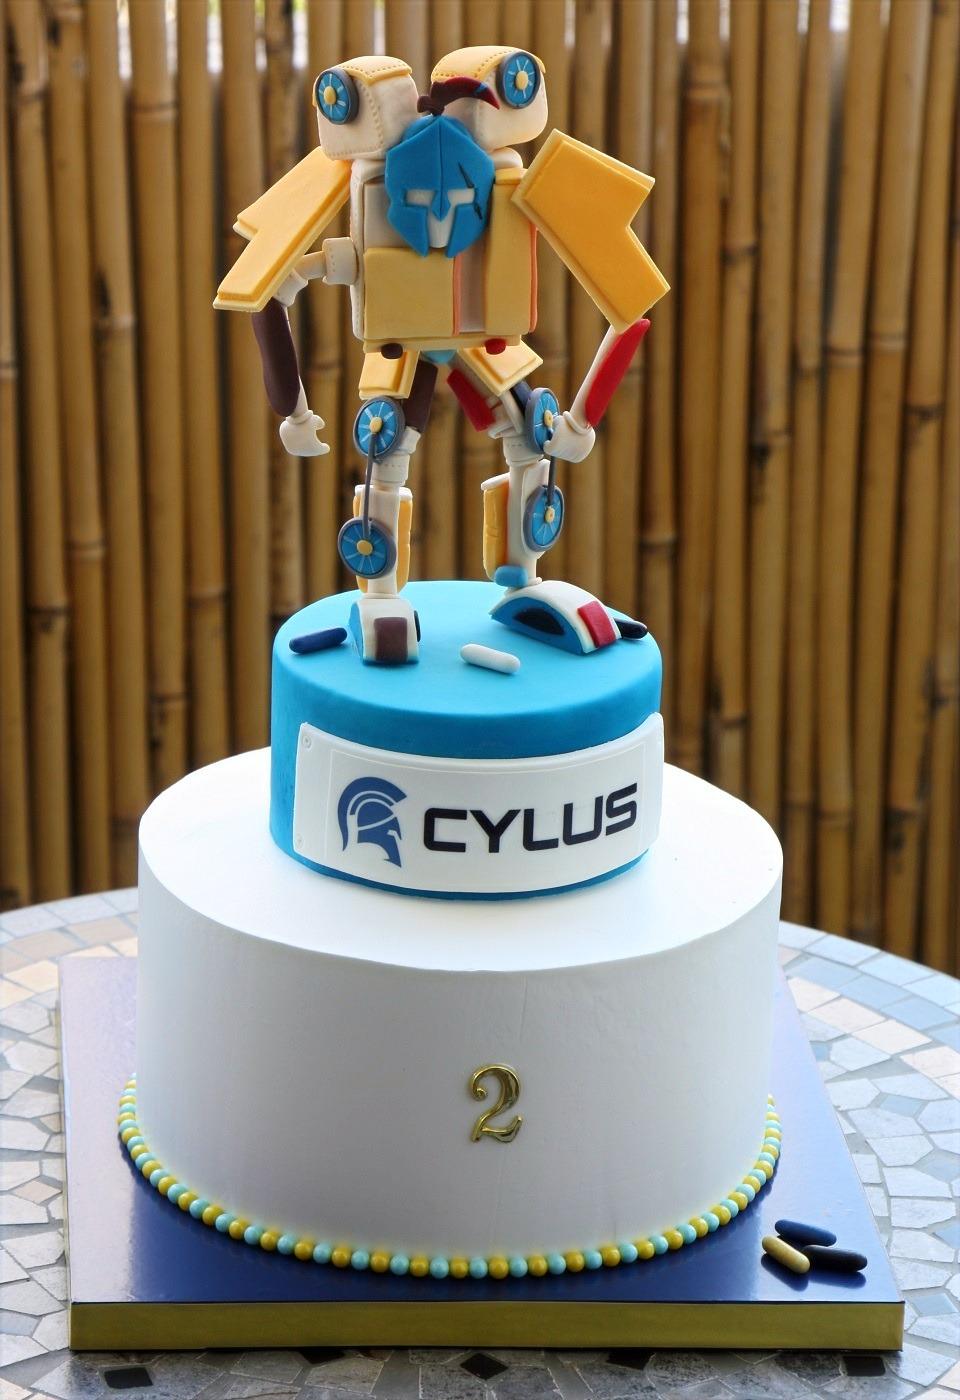 Cylus